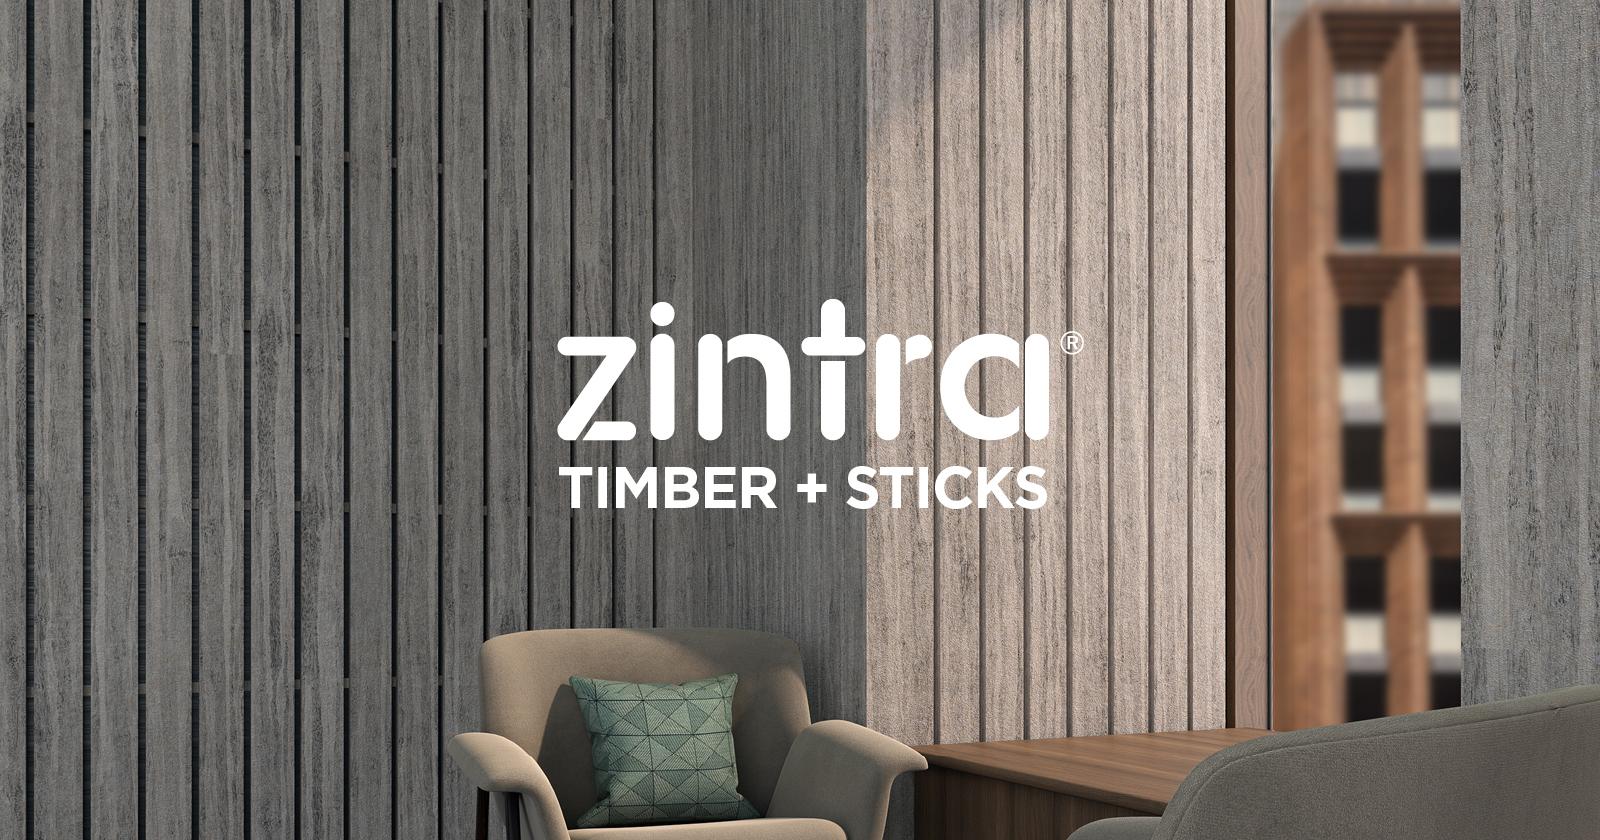 Zintra Timber and Sticks